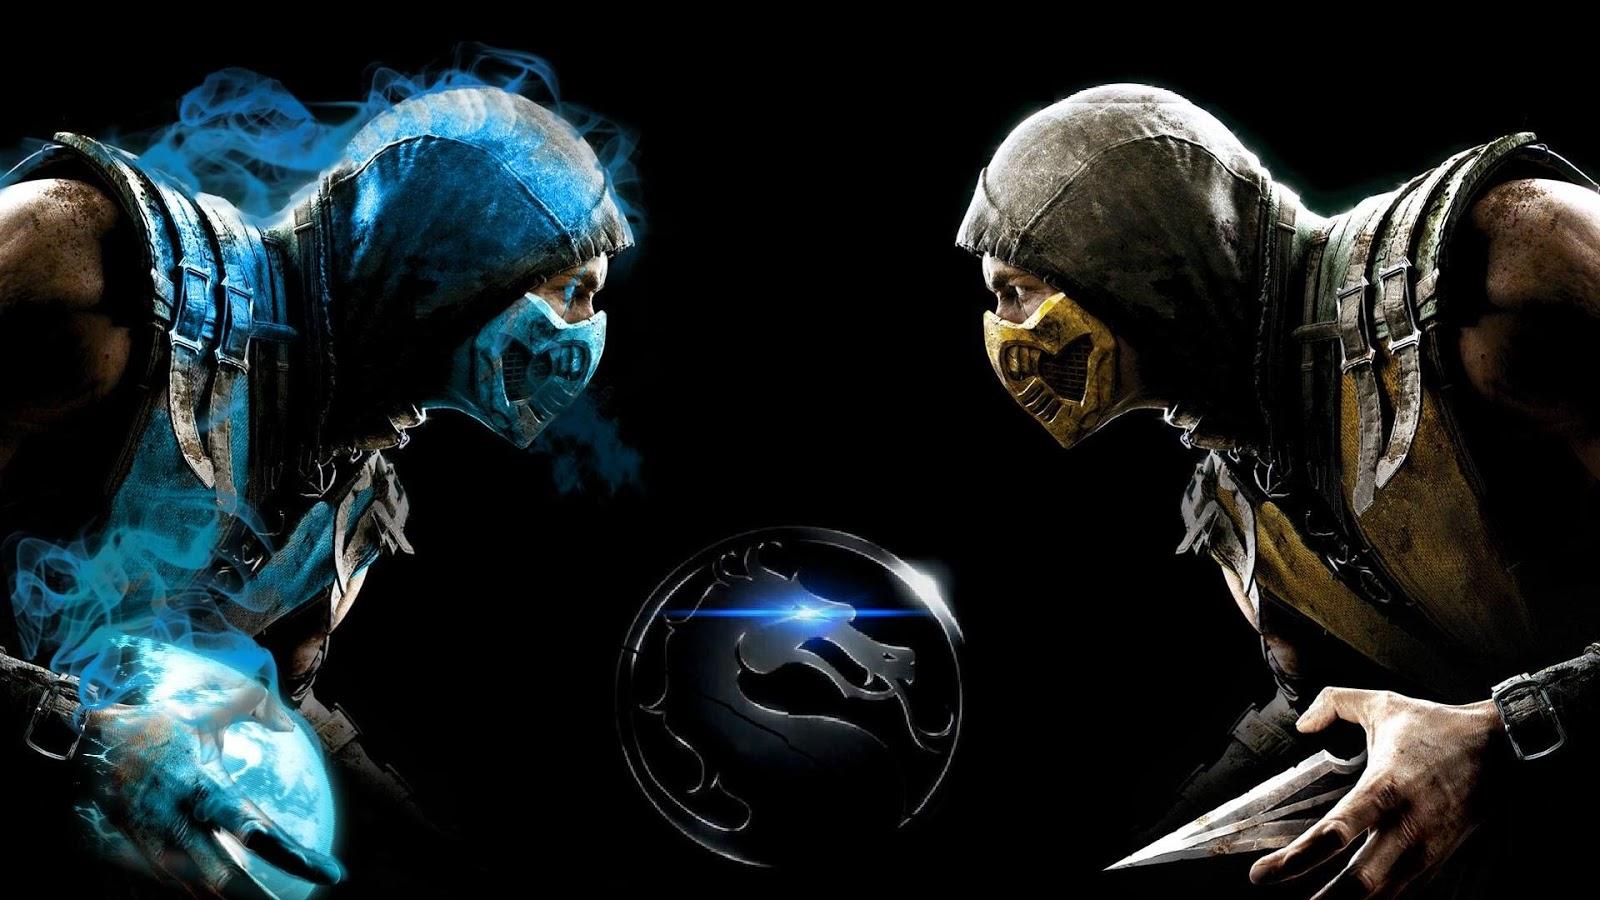 Mortal kombat x apk data gpu mali | MORTAL KOMBAT X 1 18 1